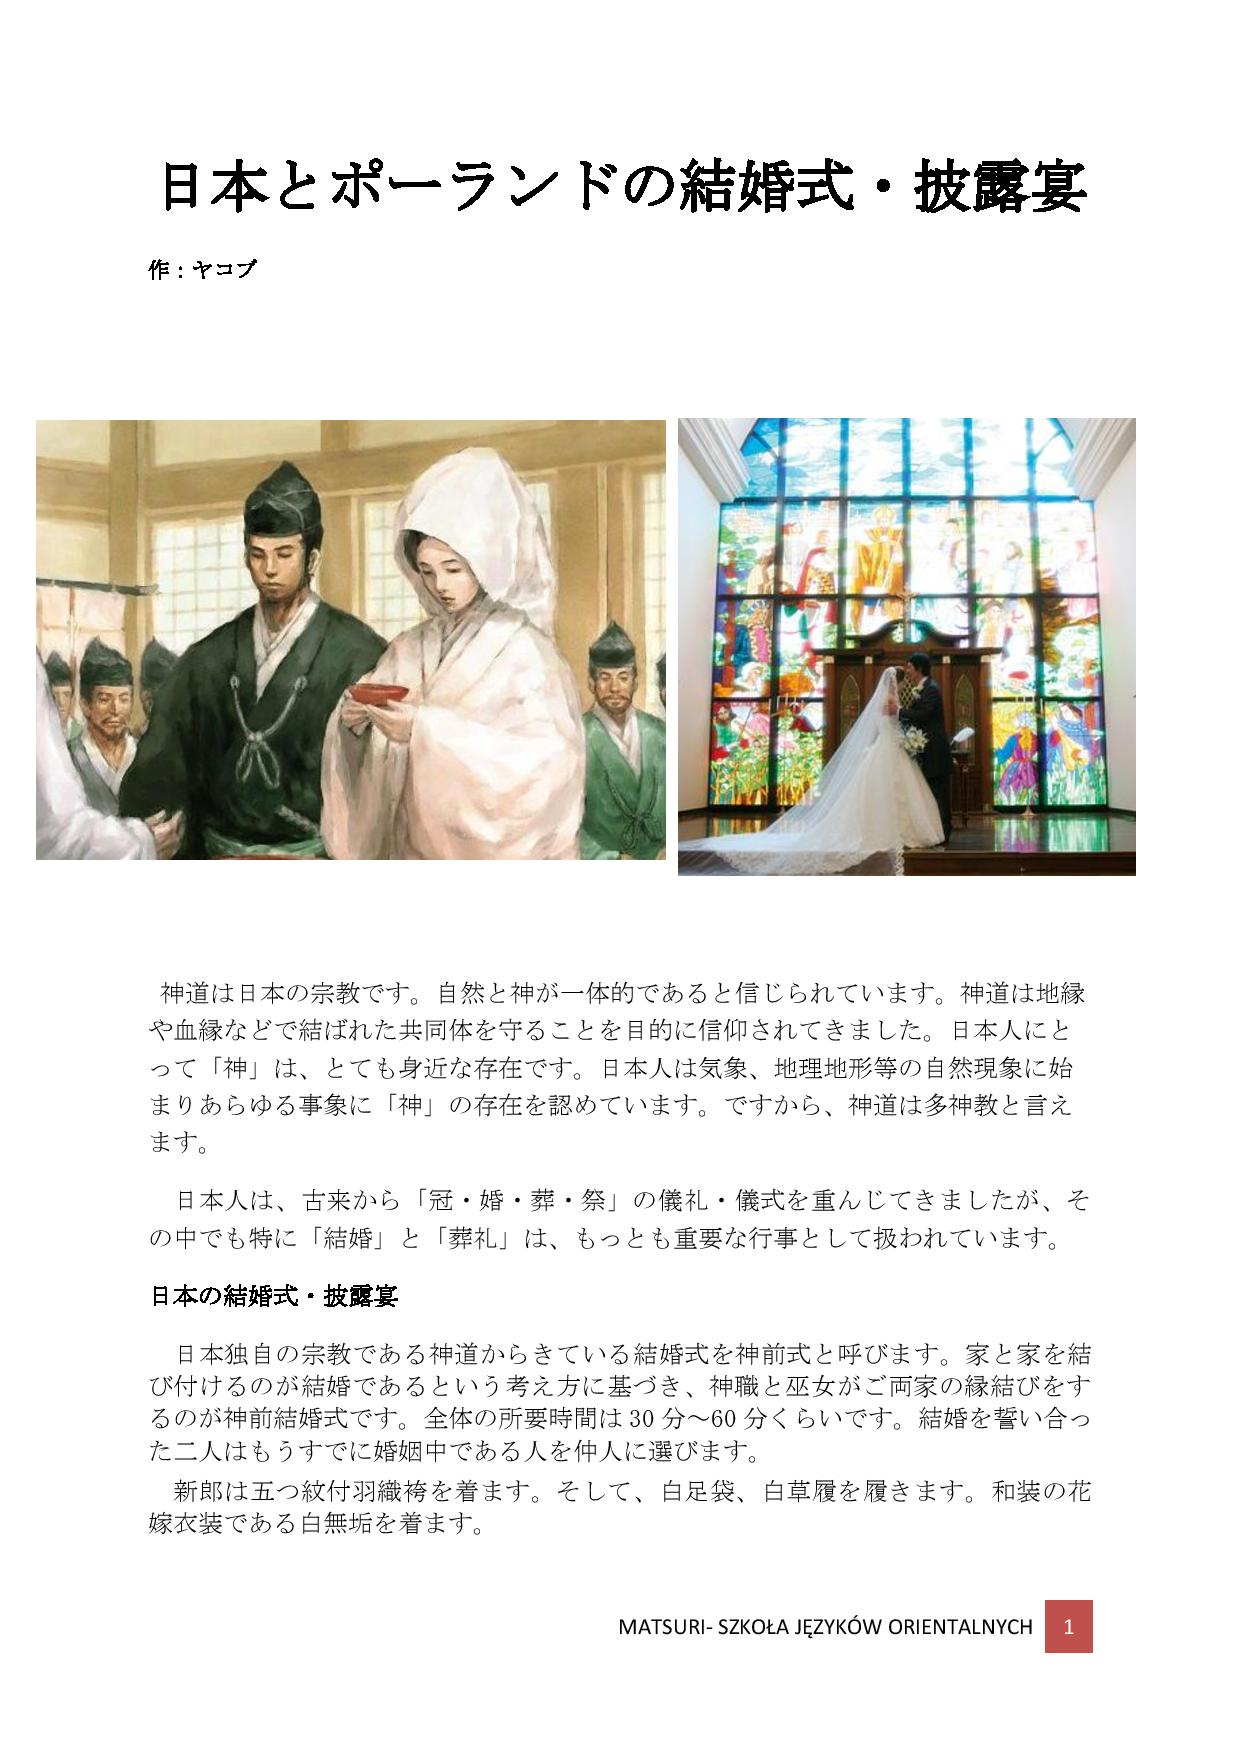 日本とポーランドの結婚式・披露宴 (POZIOM DLA ZAAWANSOWANYCH)-page-001